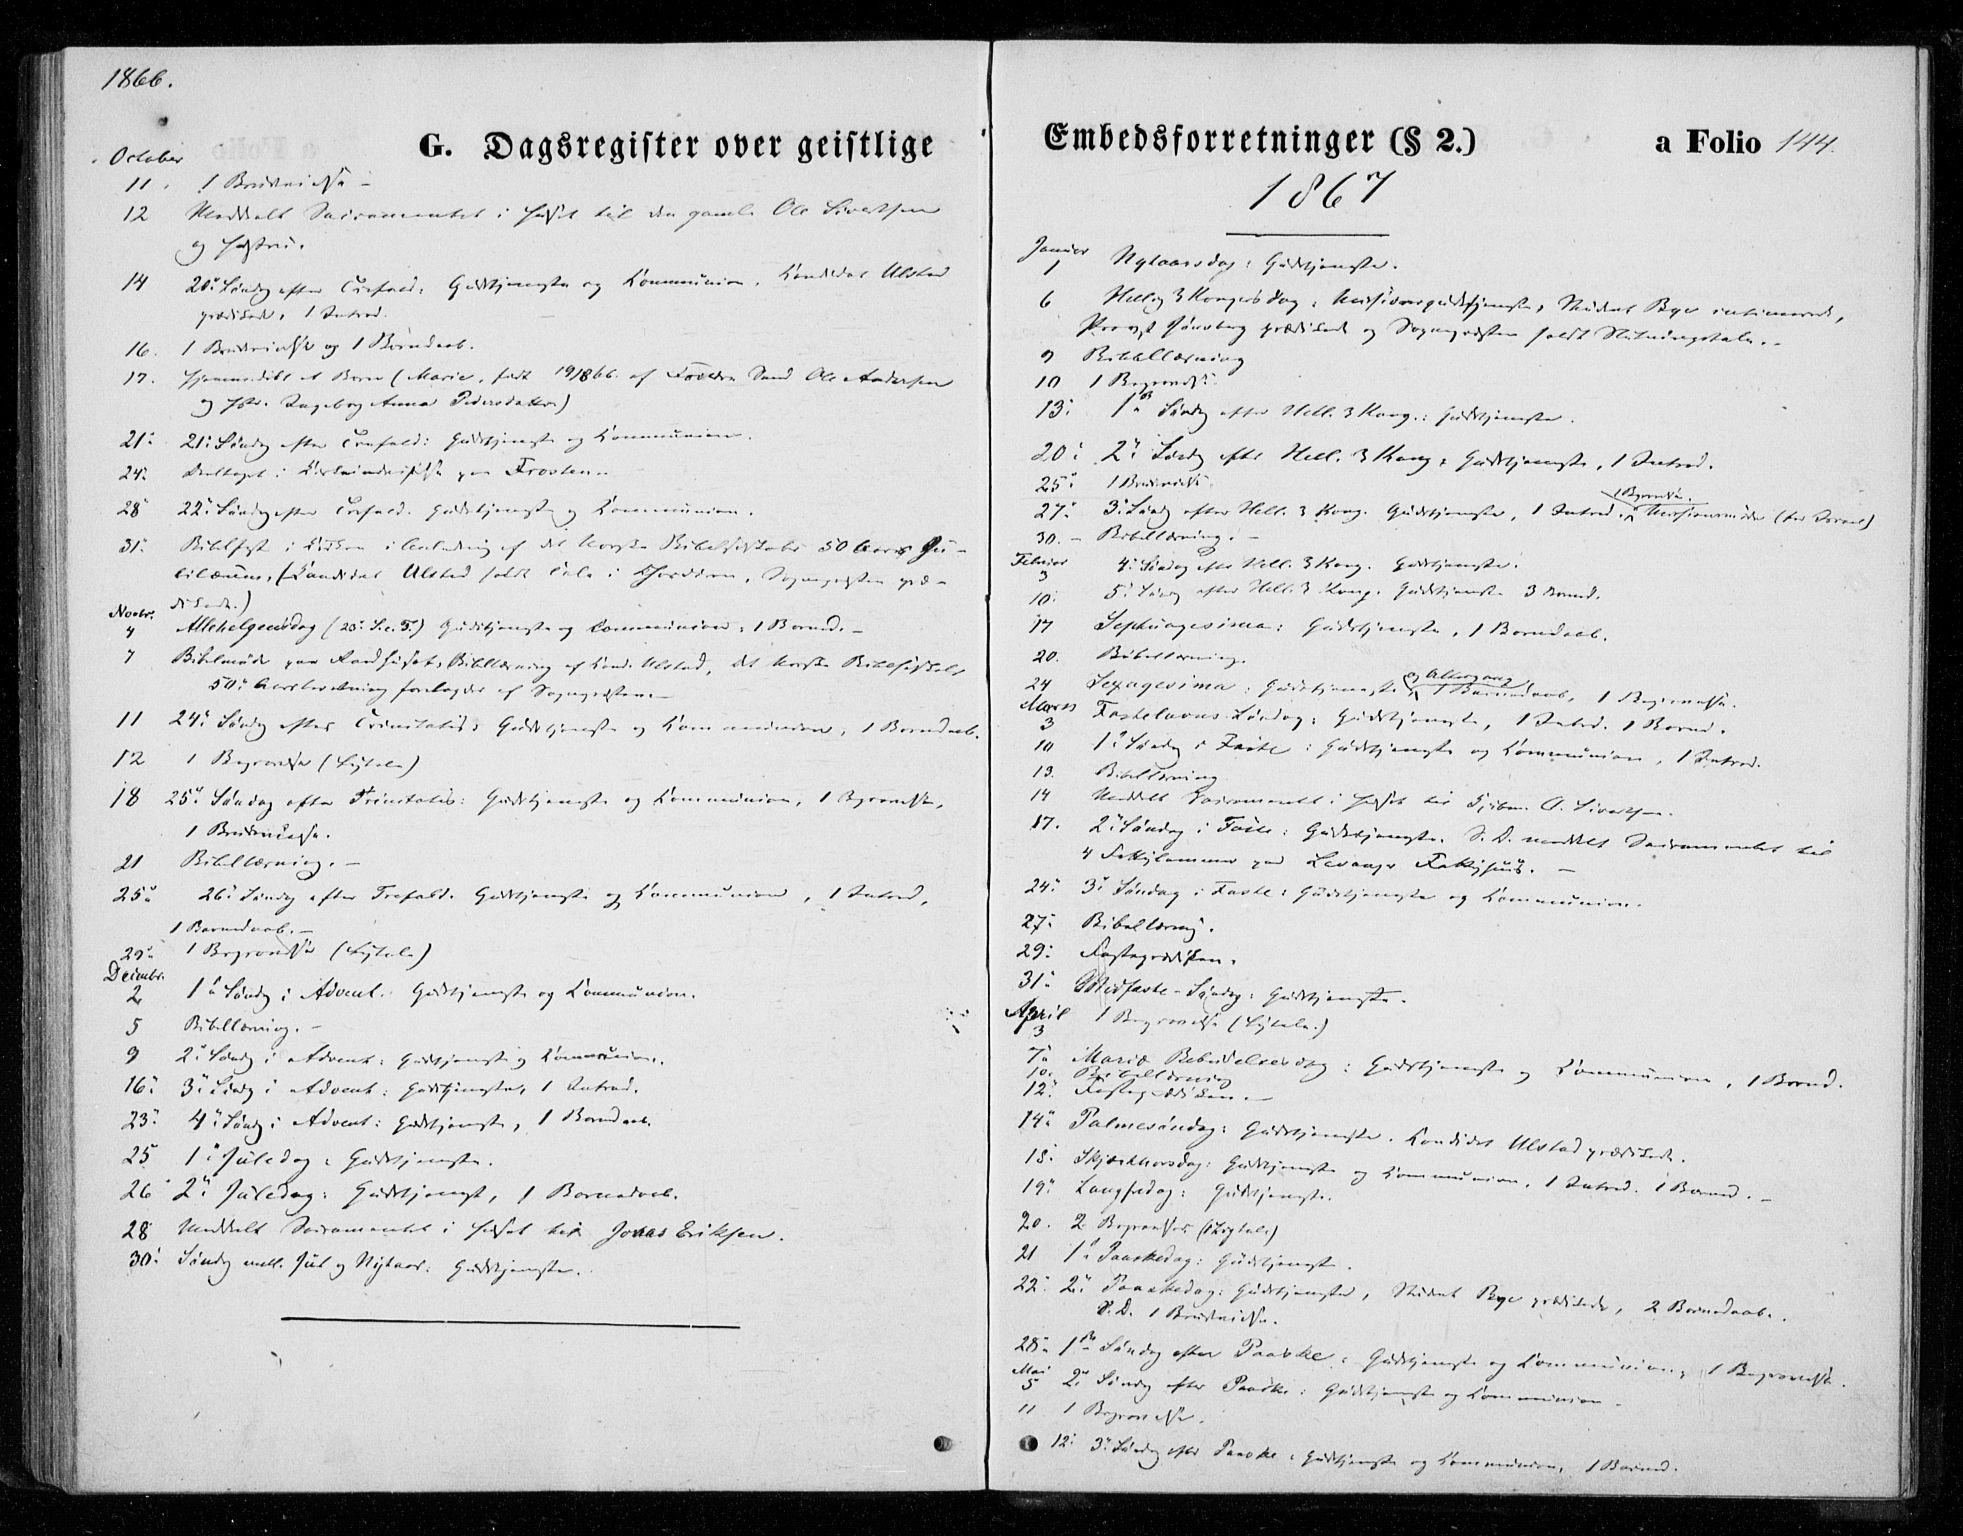 SAT, Ministerialprotokoller, klokkerbøker og fødselsregistre - Nord-Trøndelag, 720/L0186: Ministerialbok nr. 720A03, 1864-1874, s. 144